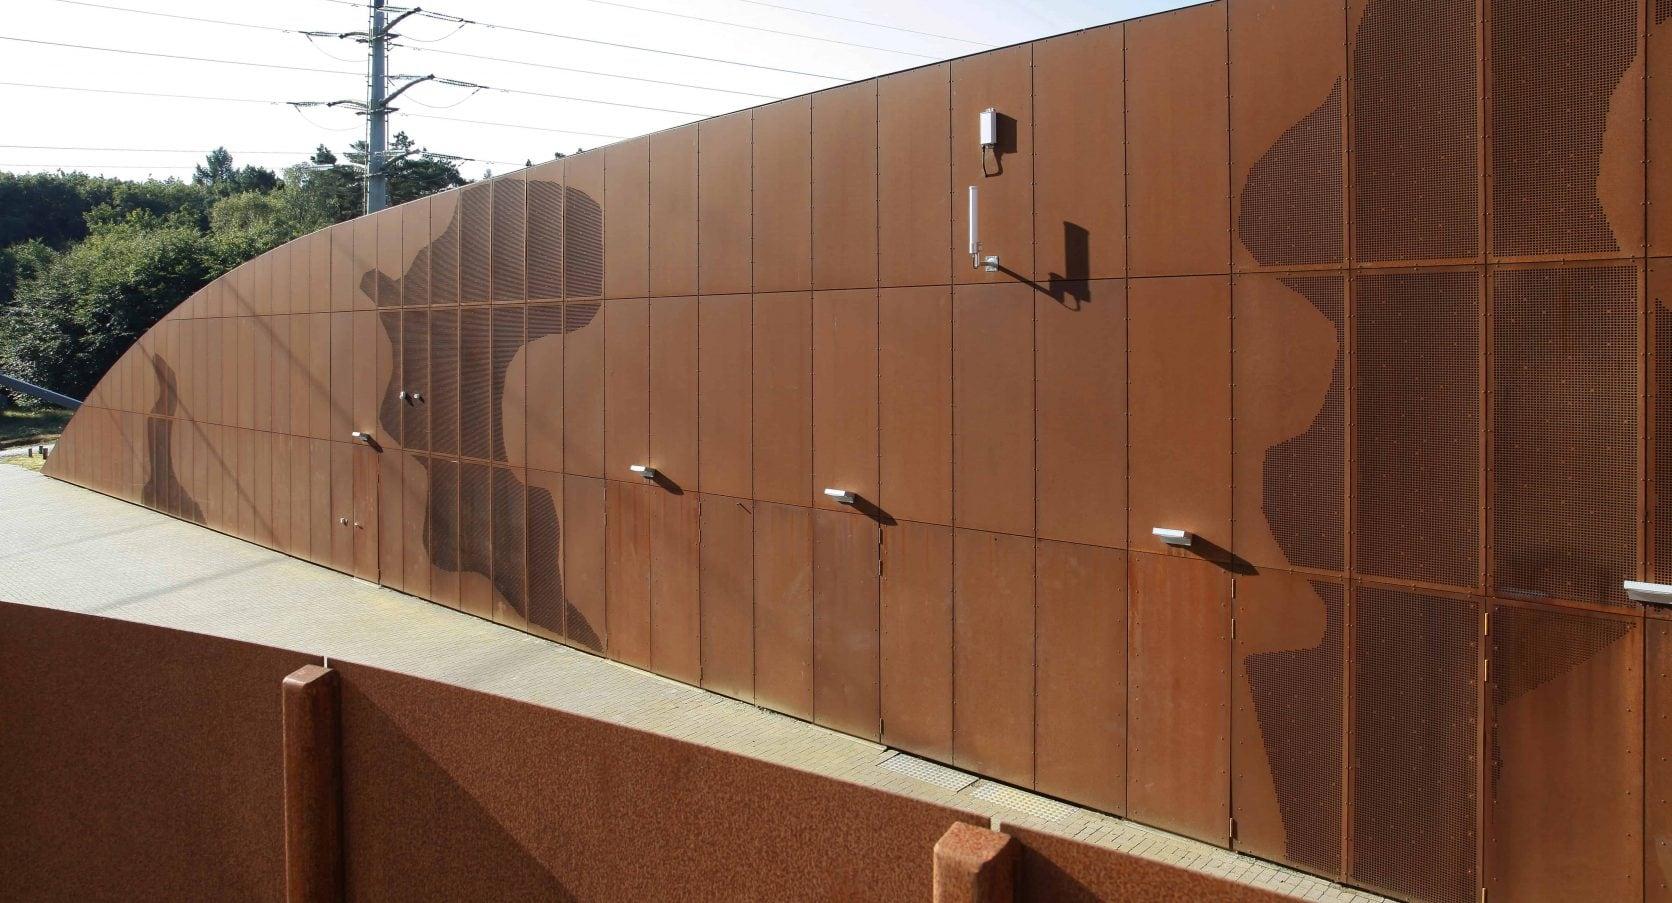 Cortenstaal geperforeerde panelen bij het pompstation van Vitens in Harderwijk